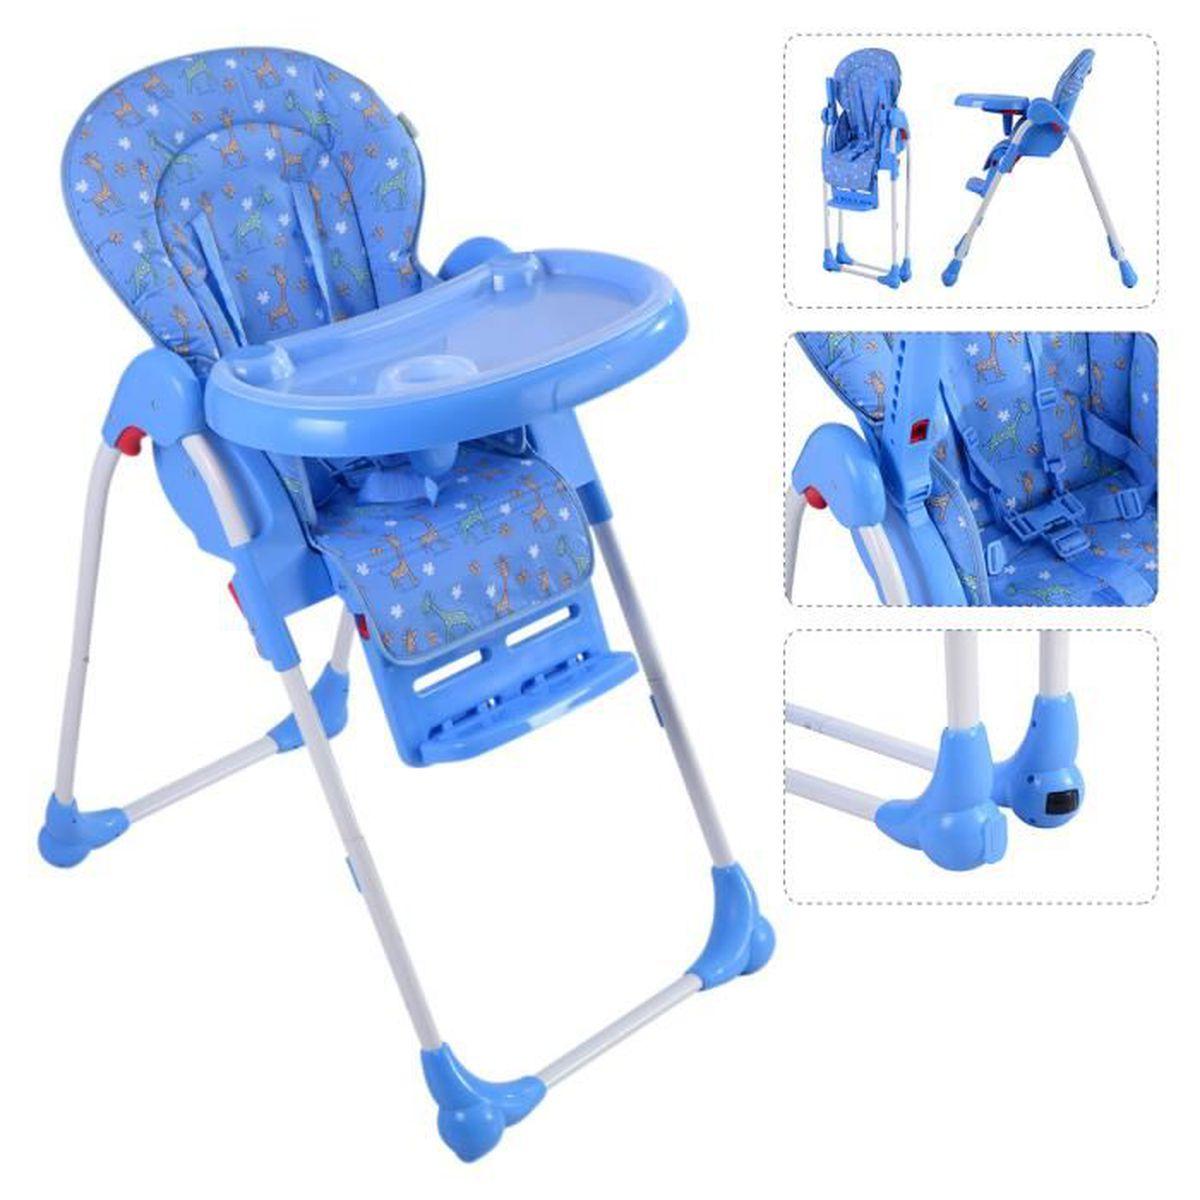 chaise haute de b b pour enfants r glable pliable grand confort neuf bleu achat vente. Black Bedroom Furniture Sets. Home Design Ideas